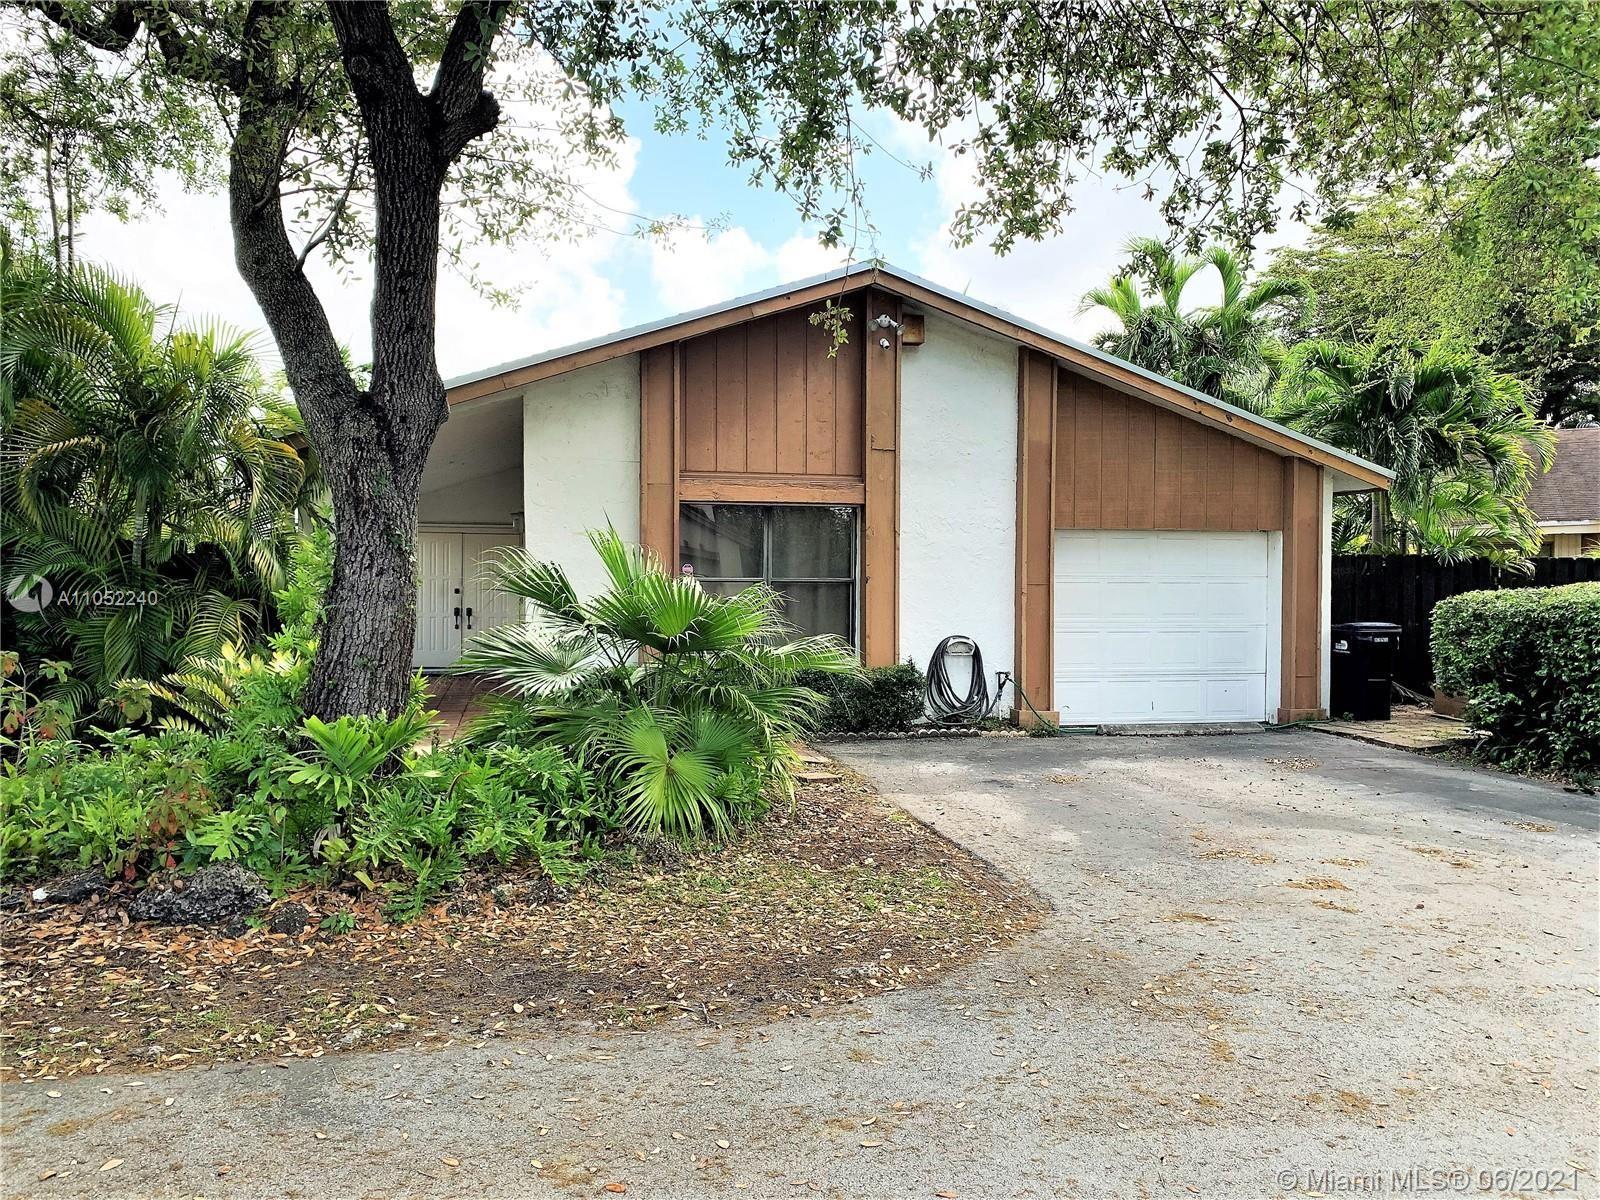 11315 SW 135th Ct, Miami, FL 33186 - #: A11052240